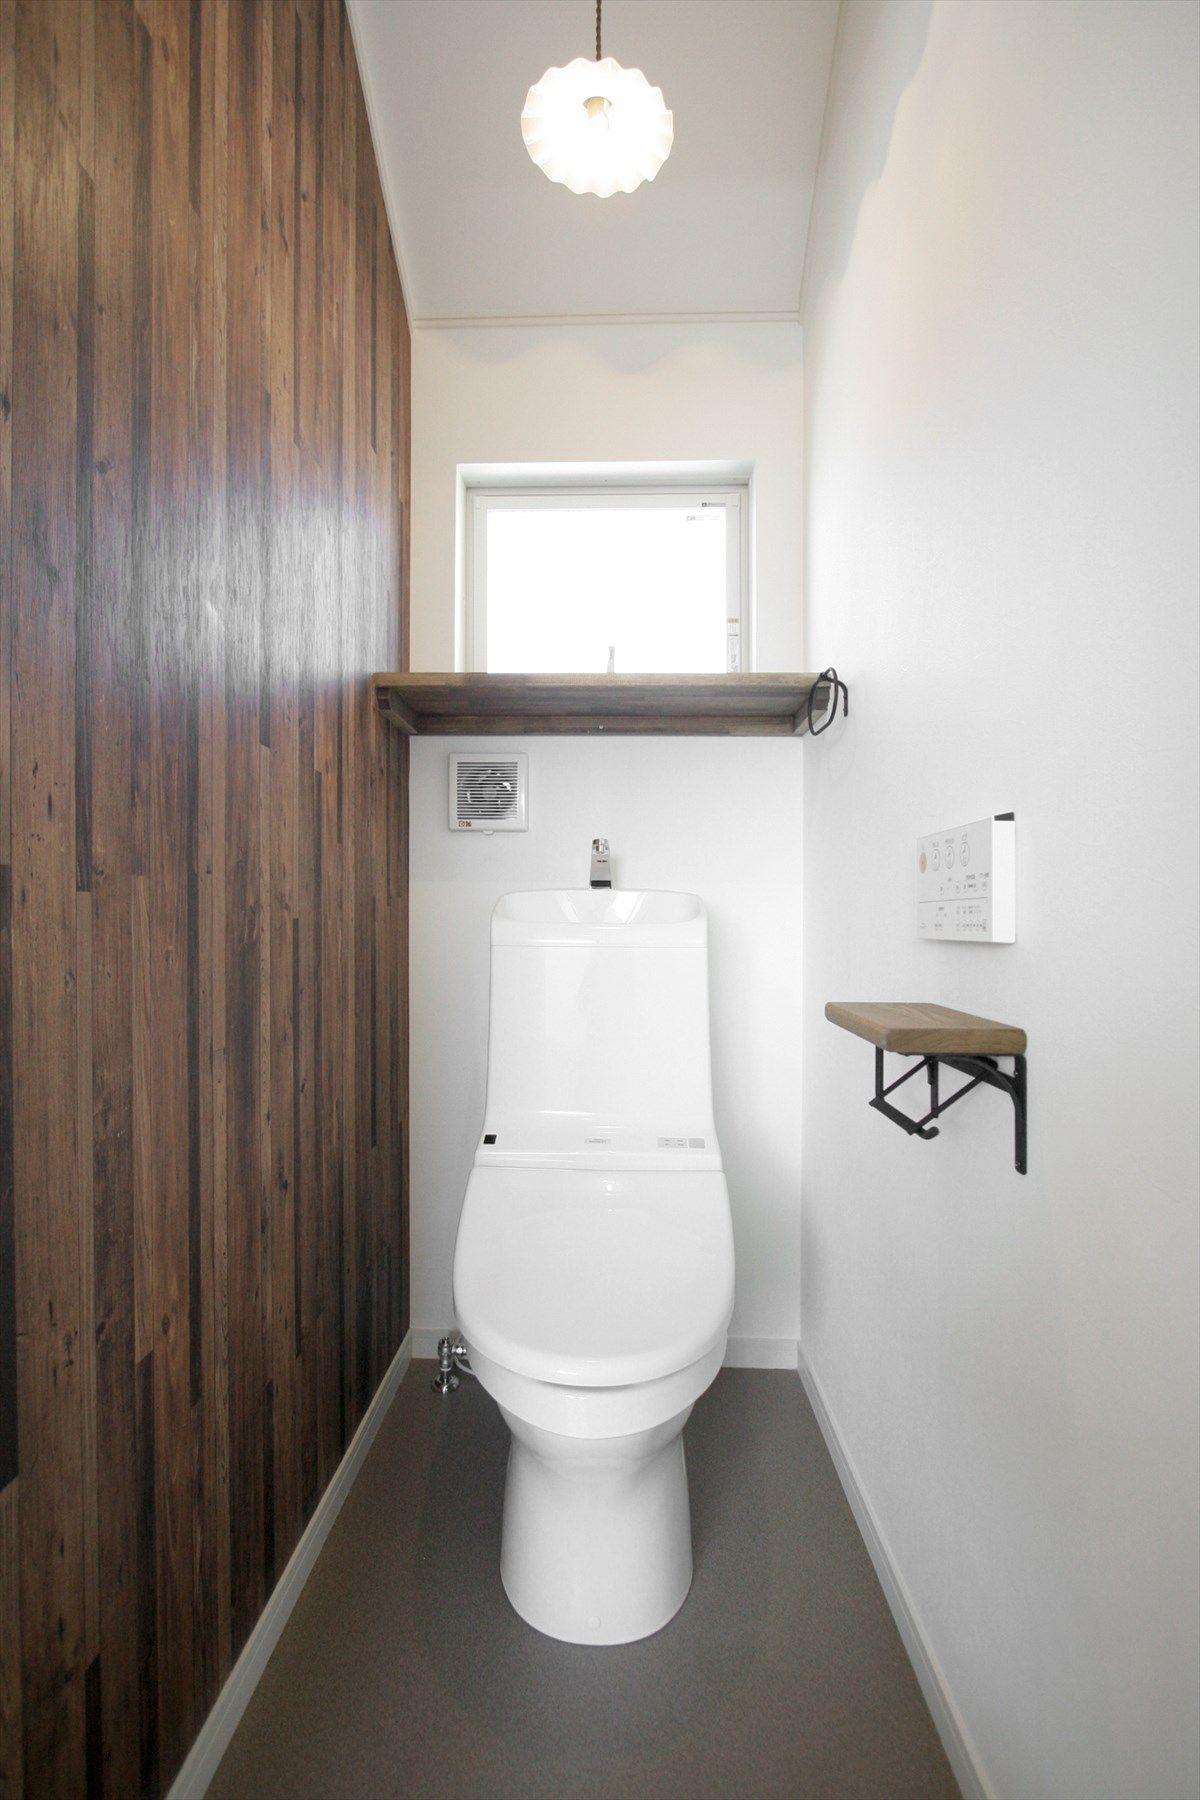 トイレ サニタリー Toilet Rest Room 木目 Wood アクセントクロス